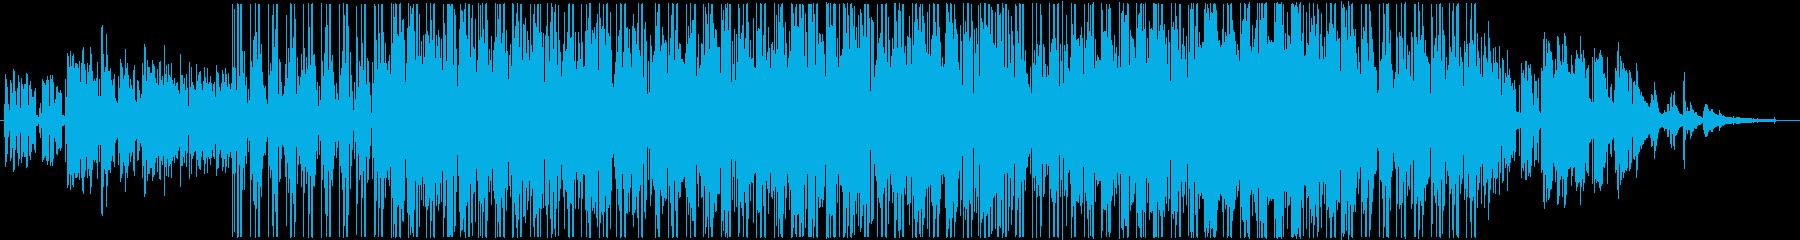 あの声の再生済みの波形